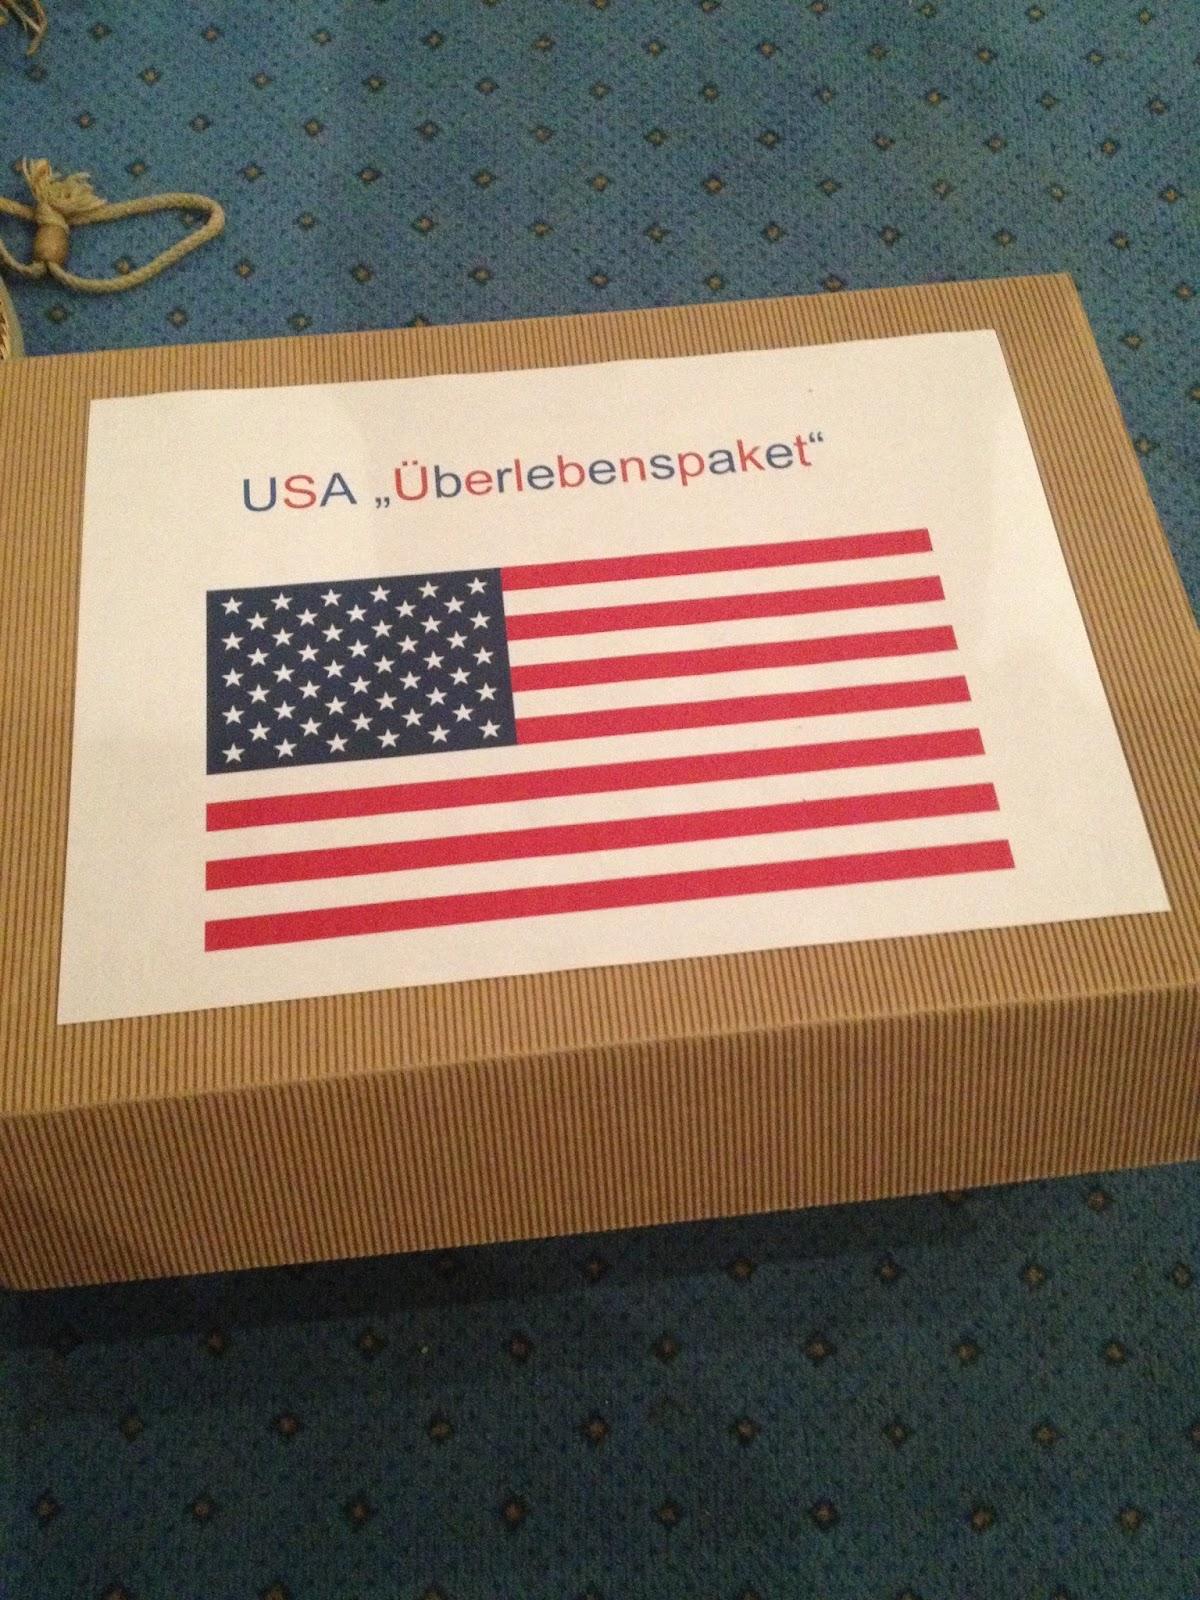 Usa 2013 14 ole 39 s auslandsjahr fotos for Abschiedsgeschenk auslandsjahr